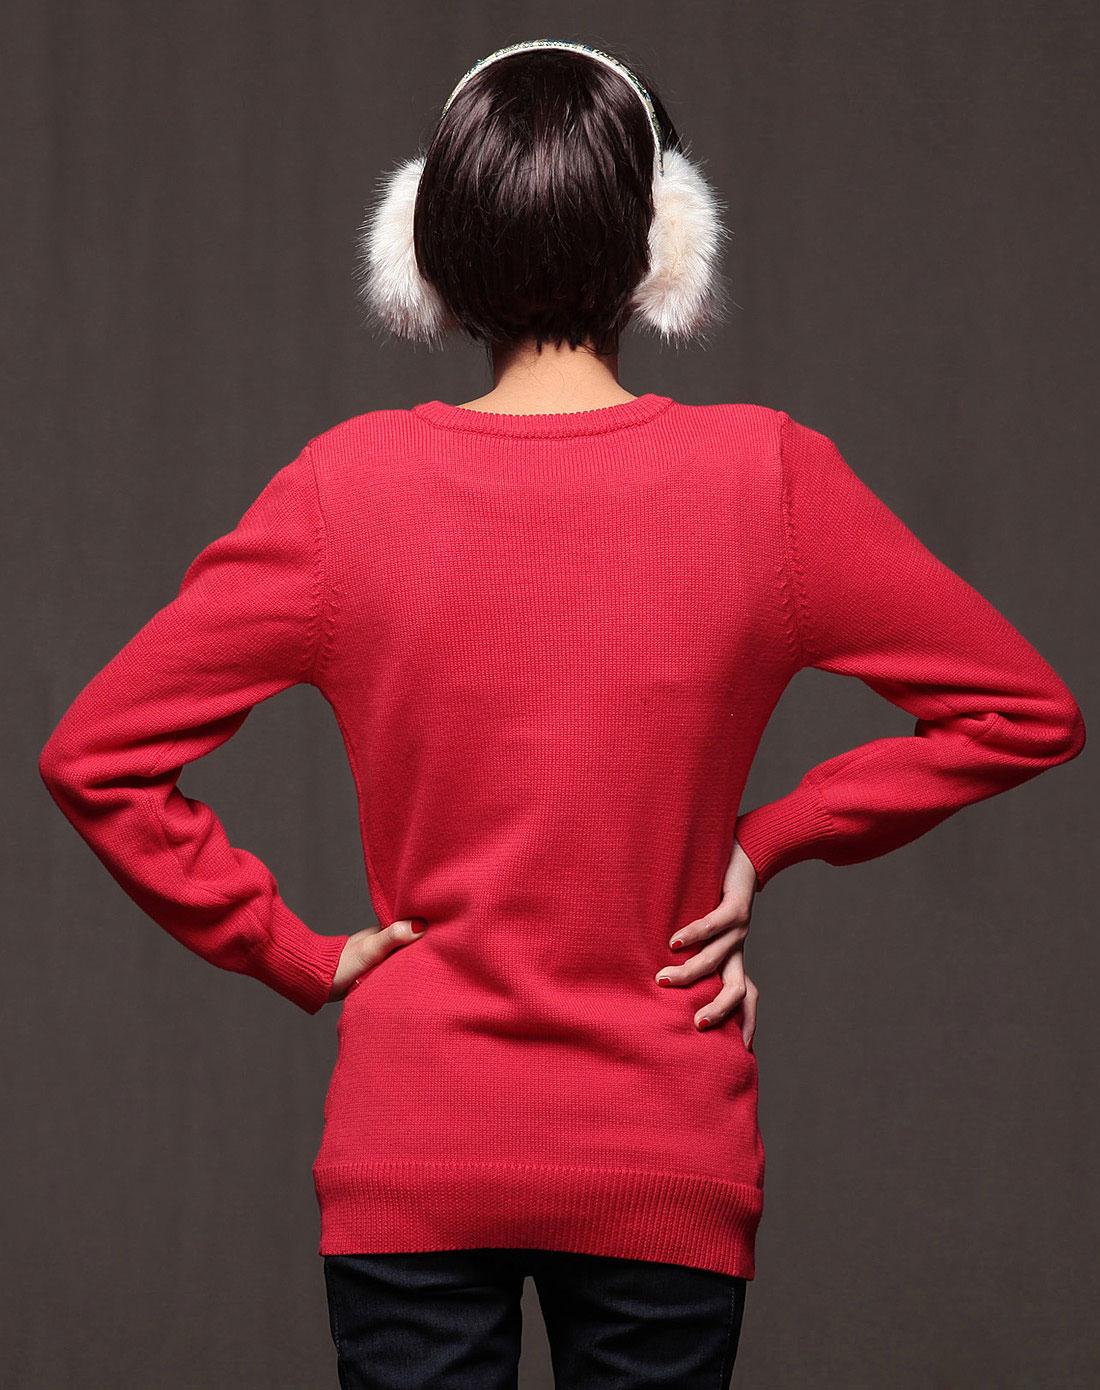 裂帛红色装长袖绣花毛衣161600450403